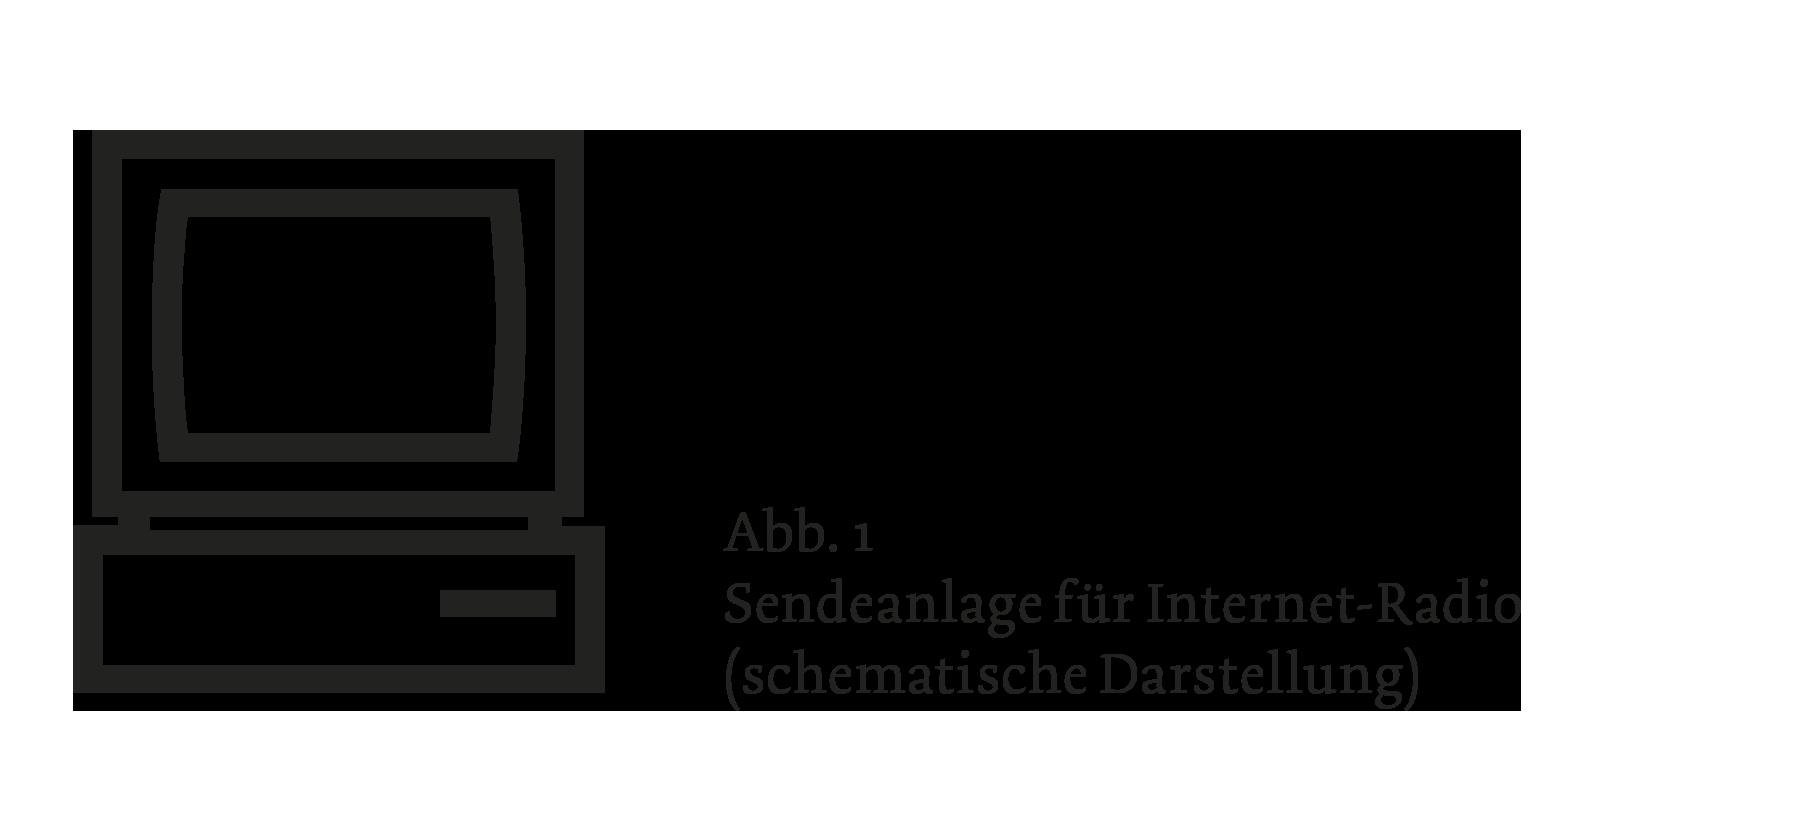 Das Bild zeigt ein standardisiertes Icon für einen Desktop-Computer mit dem zusätzlichen Text:  Abb.1 Sendeanlage für Internet-Radio (schematische Darstellung)